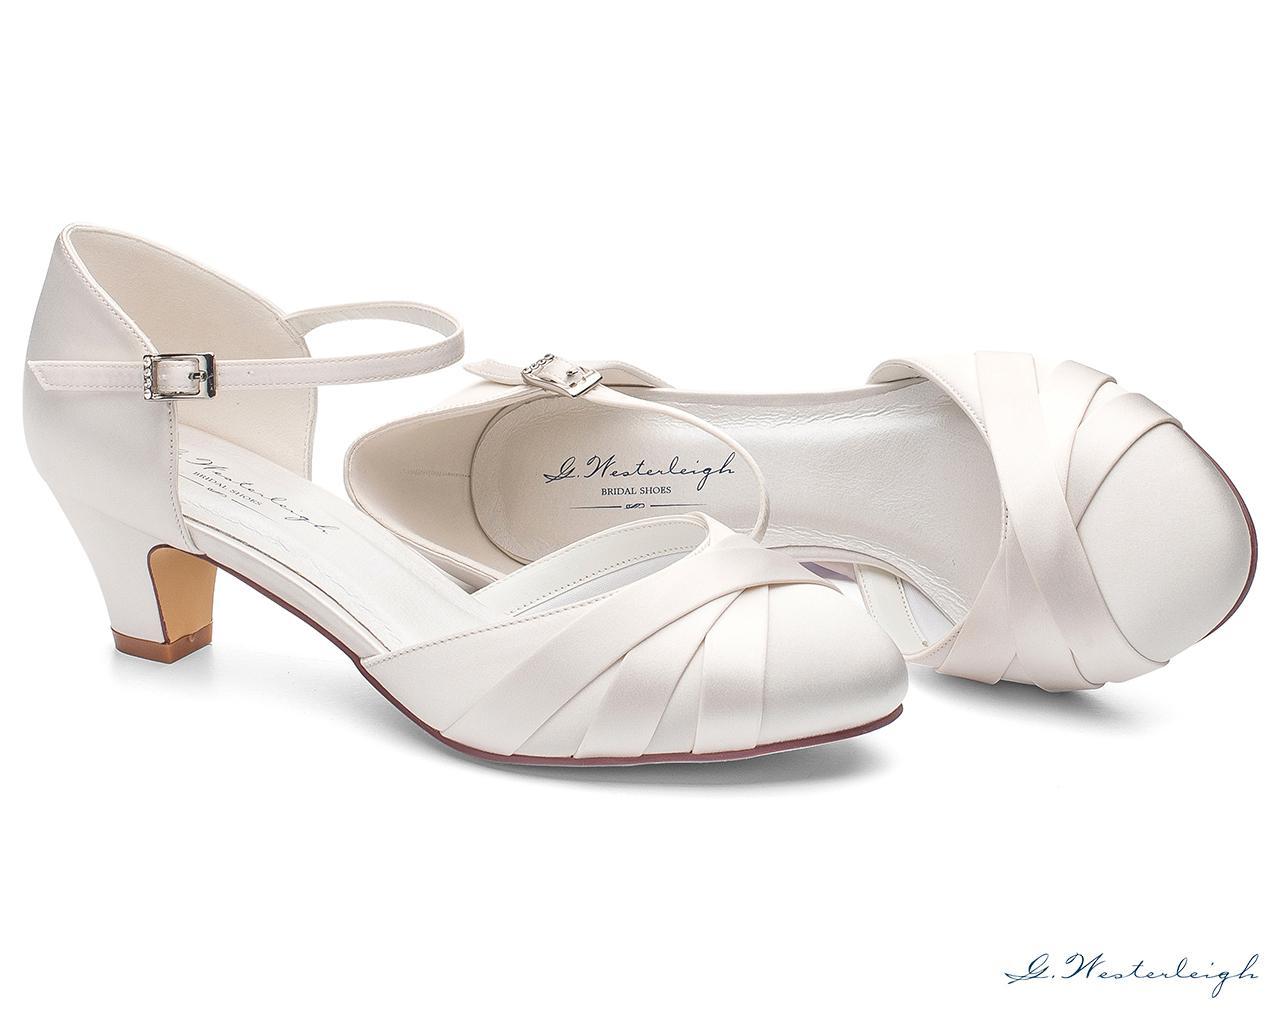 Svadobné topánky Blanca - Obrázok č. 2